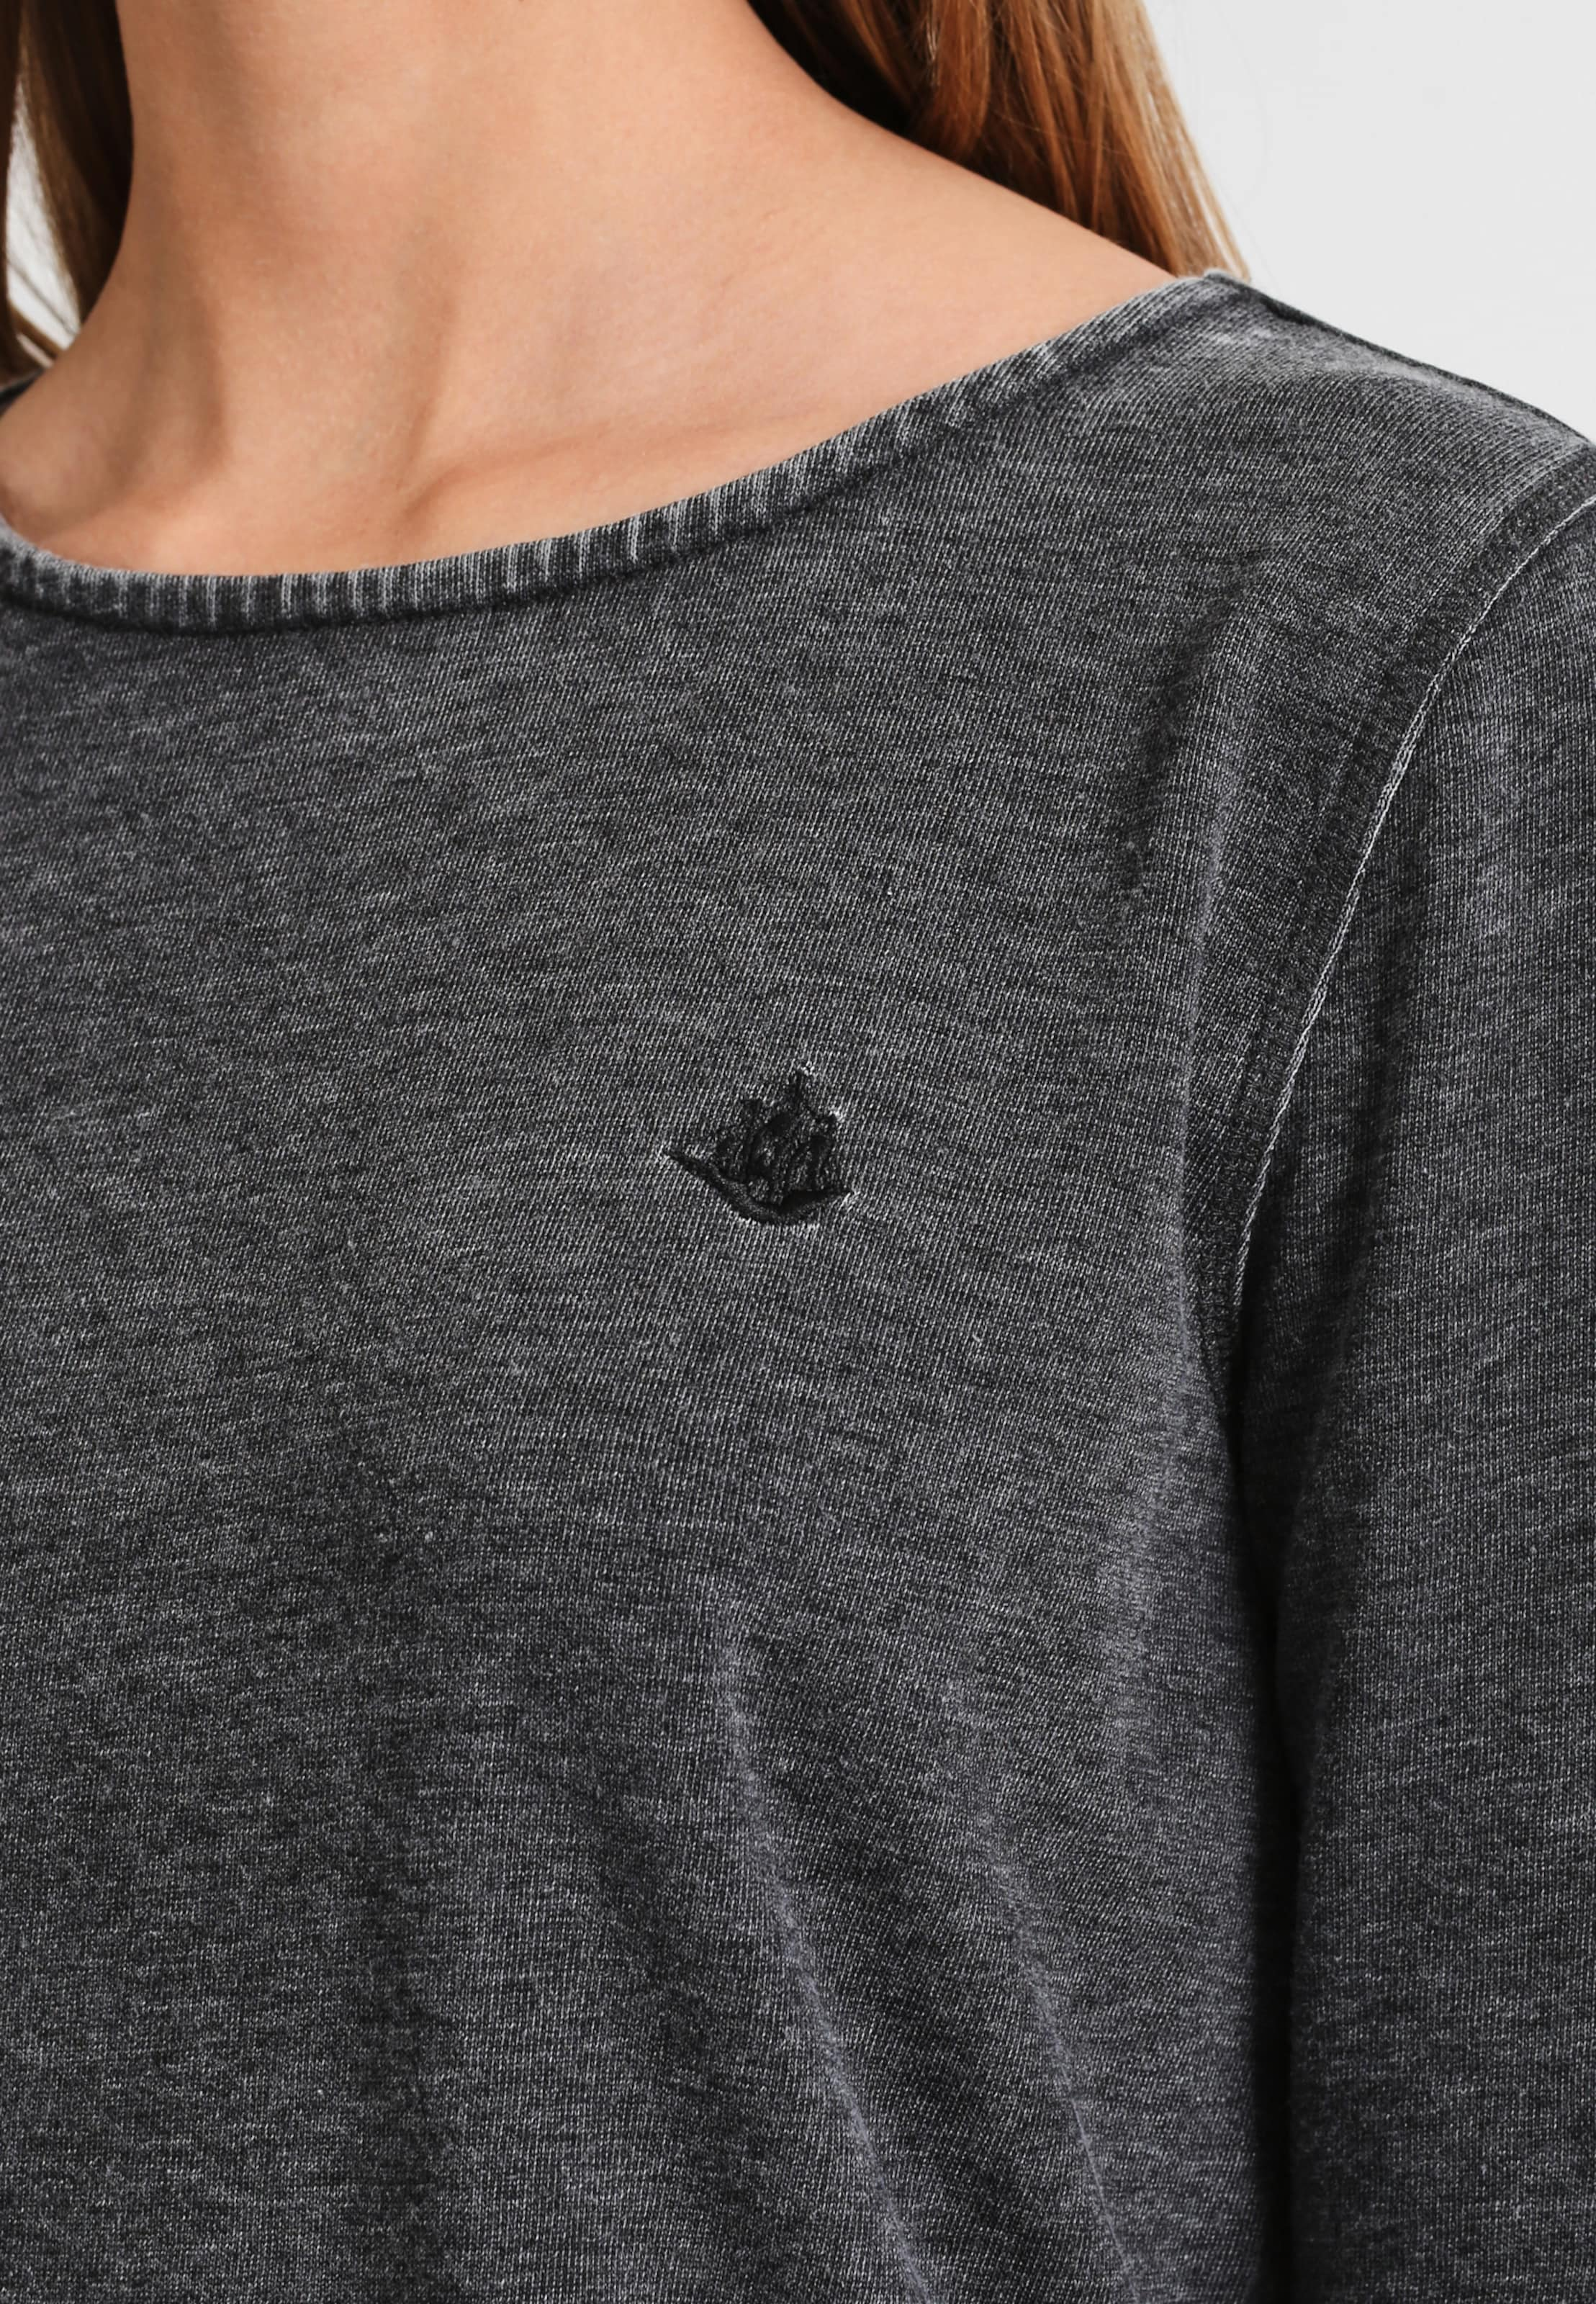 Dreimaster In In Basaltgrau Shirt Dreimaster In Dreimaster Dreimaster Shirt Basaltgrau In Shirt Shirt Basaltgrau UzGVpqSM